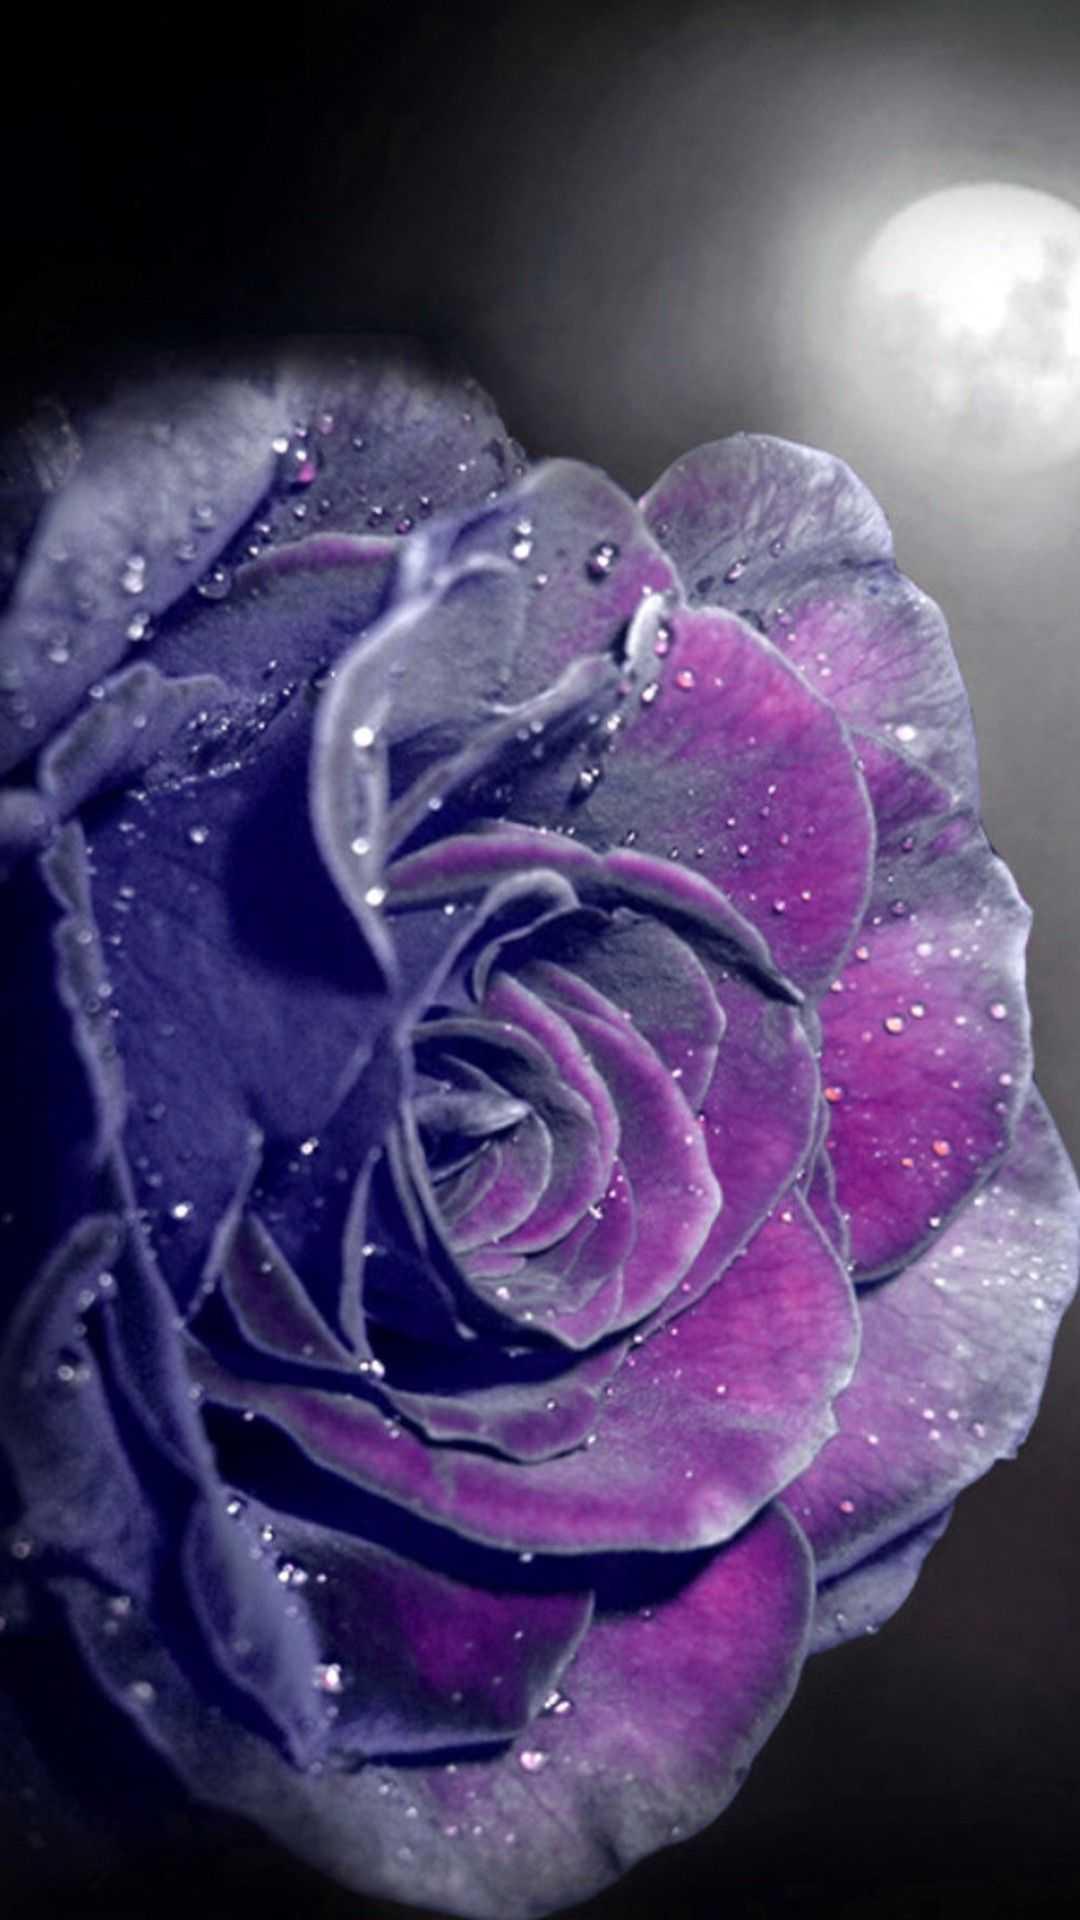 Rose Wallpaper Ixpap